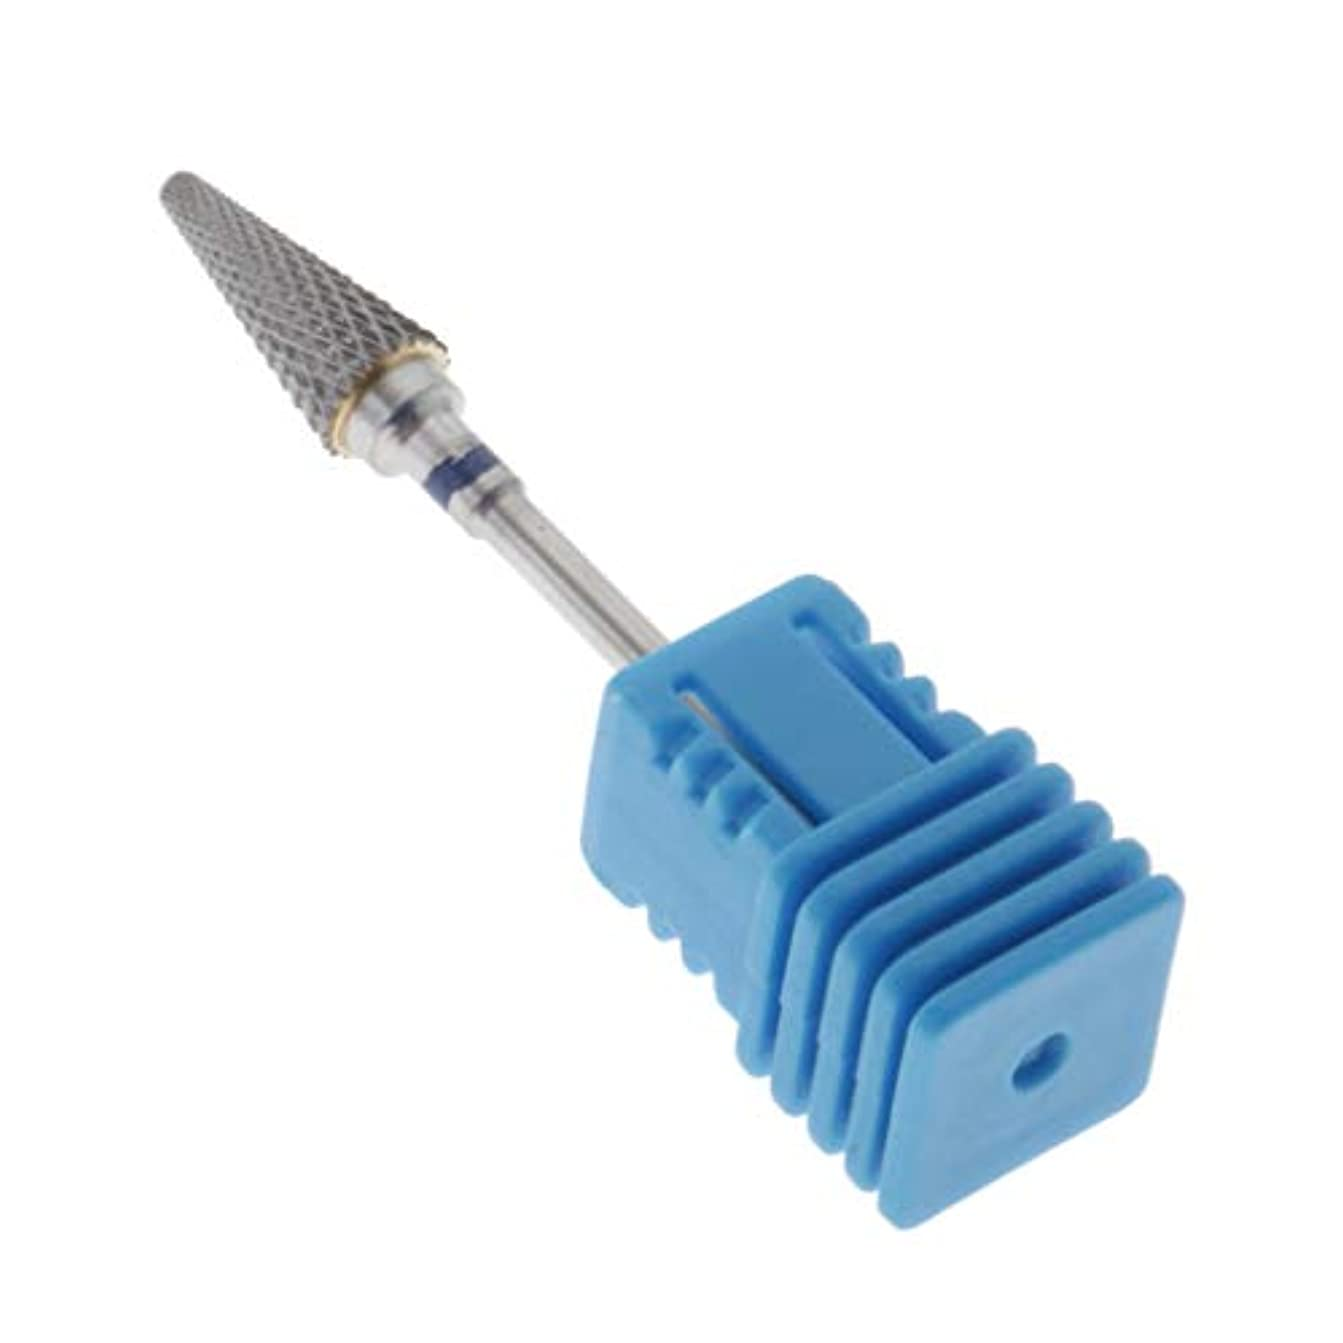 教える付与本気CUTICATE ネイルドリルビット ネイルズファイルビット ネイルファイル 爪磨き 爪やすり ジェルネイル用 全3カラー - 青